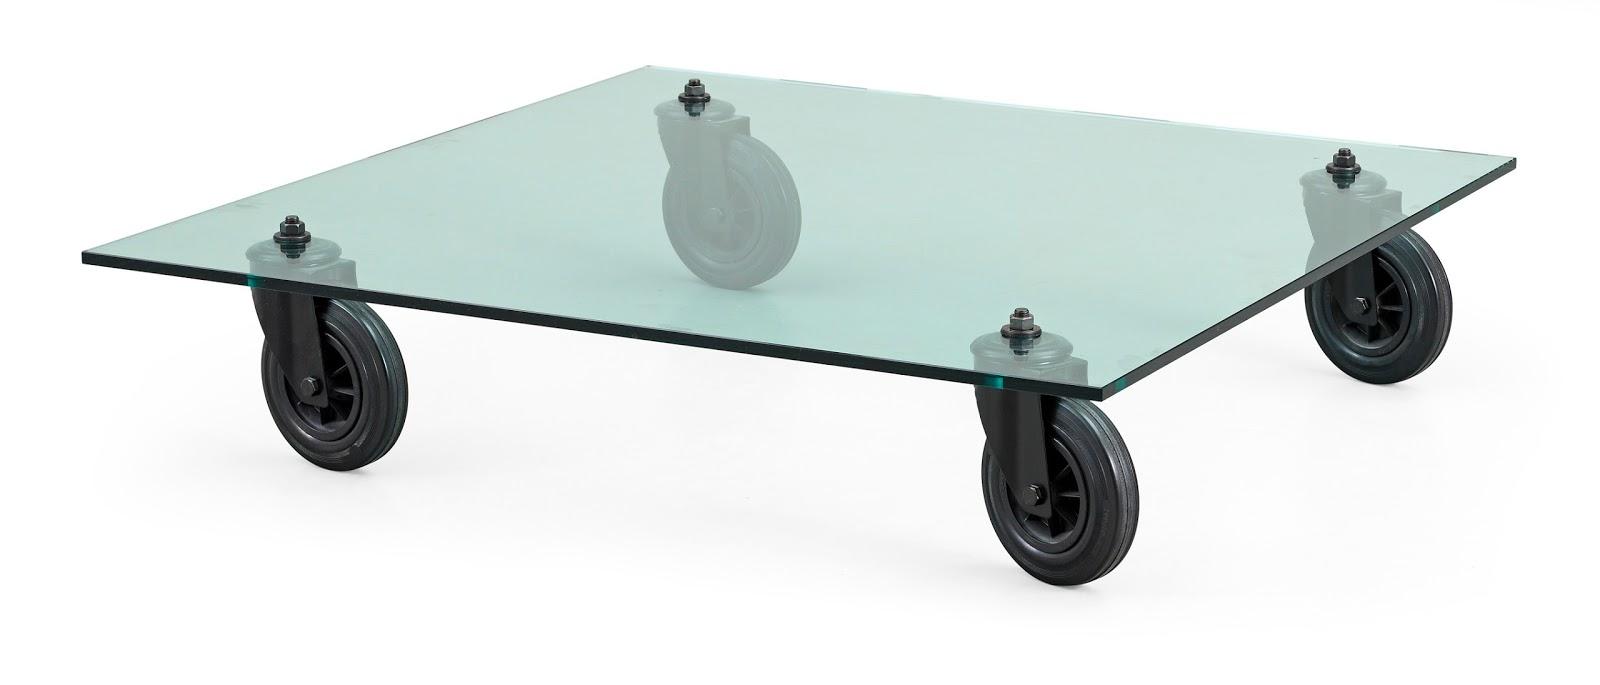 Pomi d 39 ottone una giornata in triennale - Tavolo con ruote ...